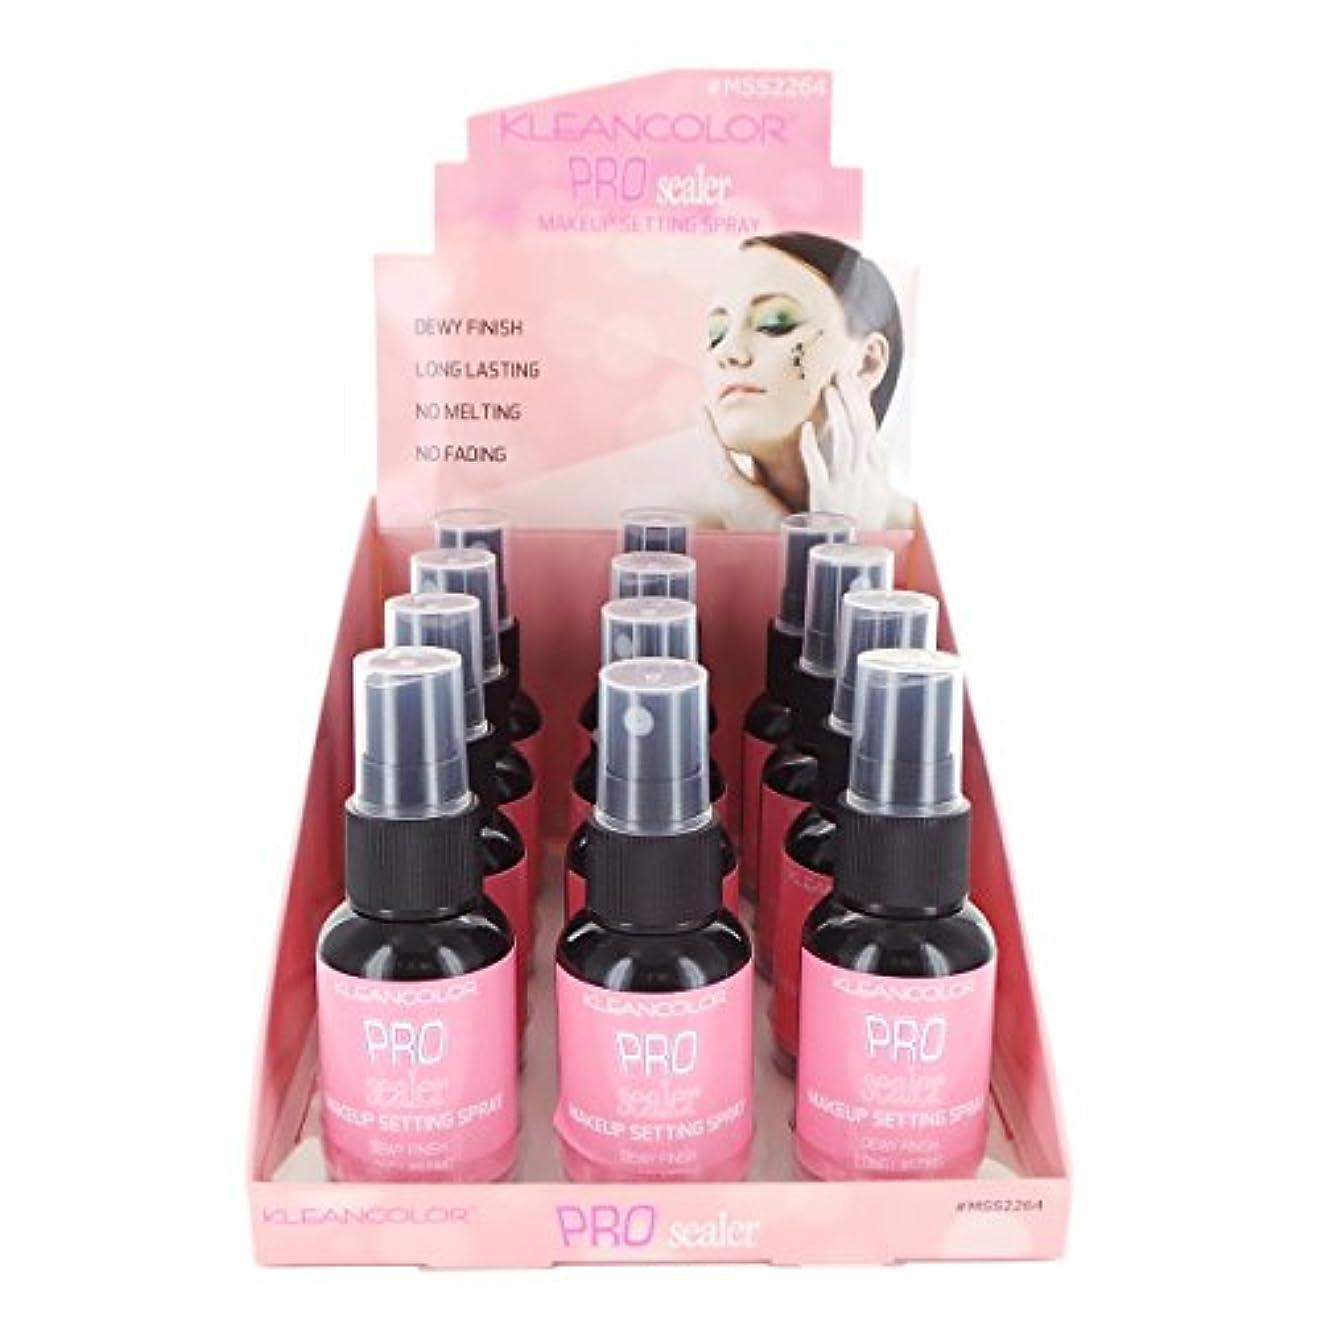 に賛成準備するハウスKLEANCOLOR Pro Sealer Makeup Setting Spray Display Set, 12 Pieces (並行輸入品)